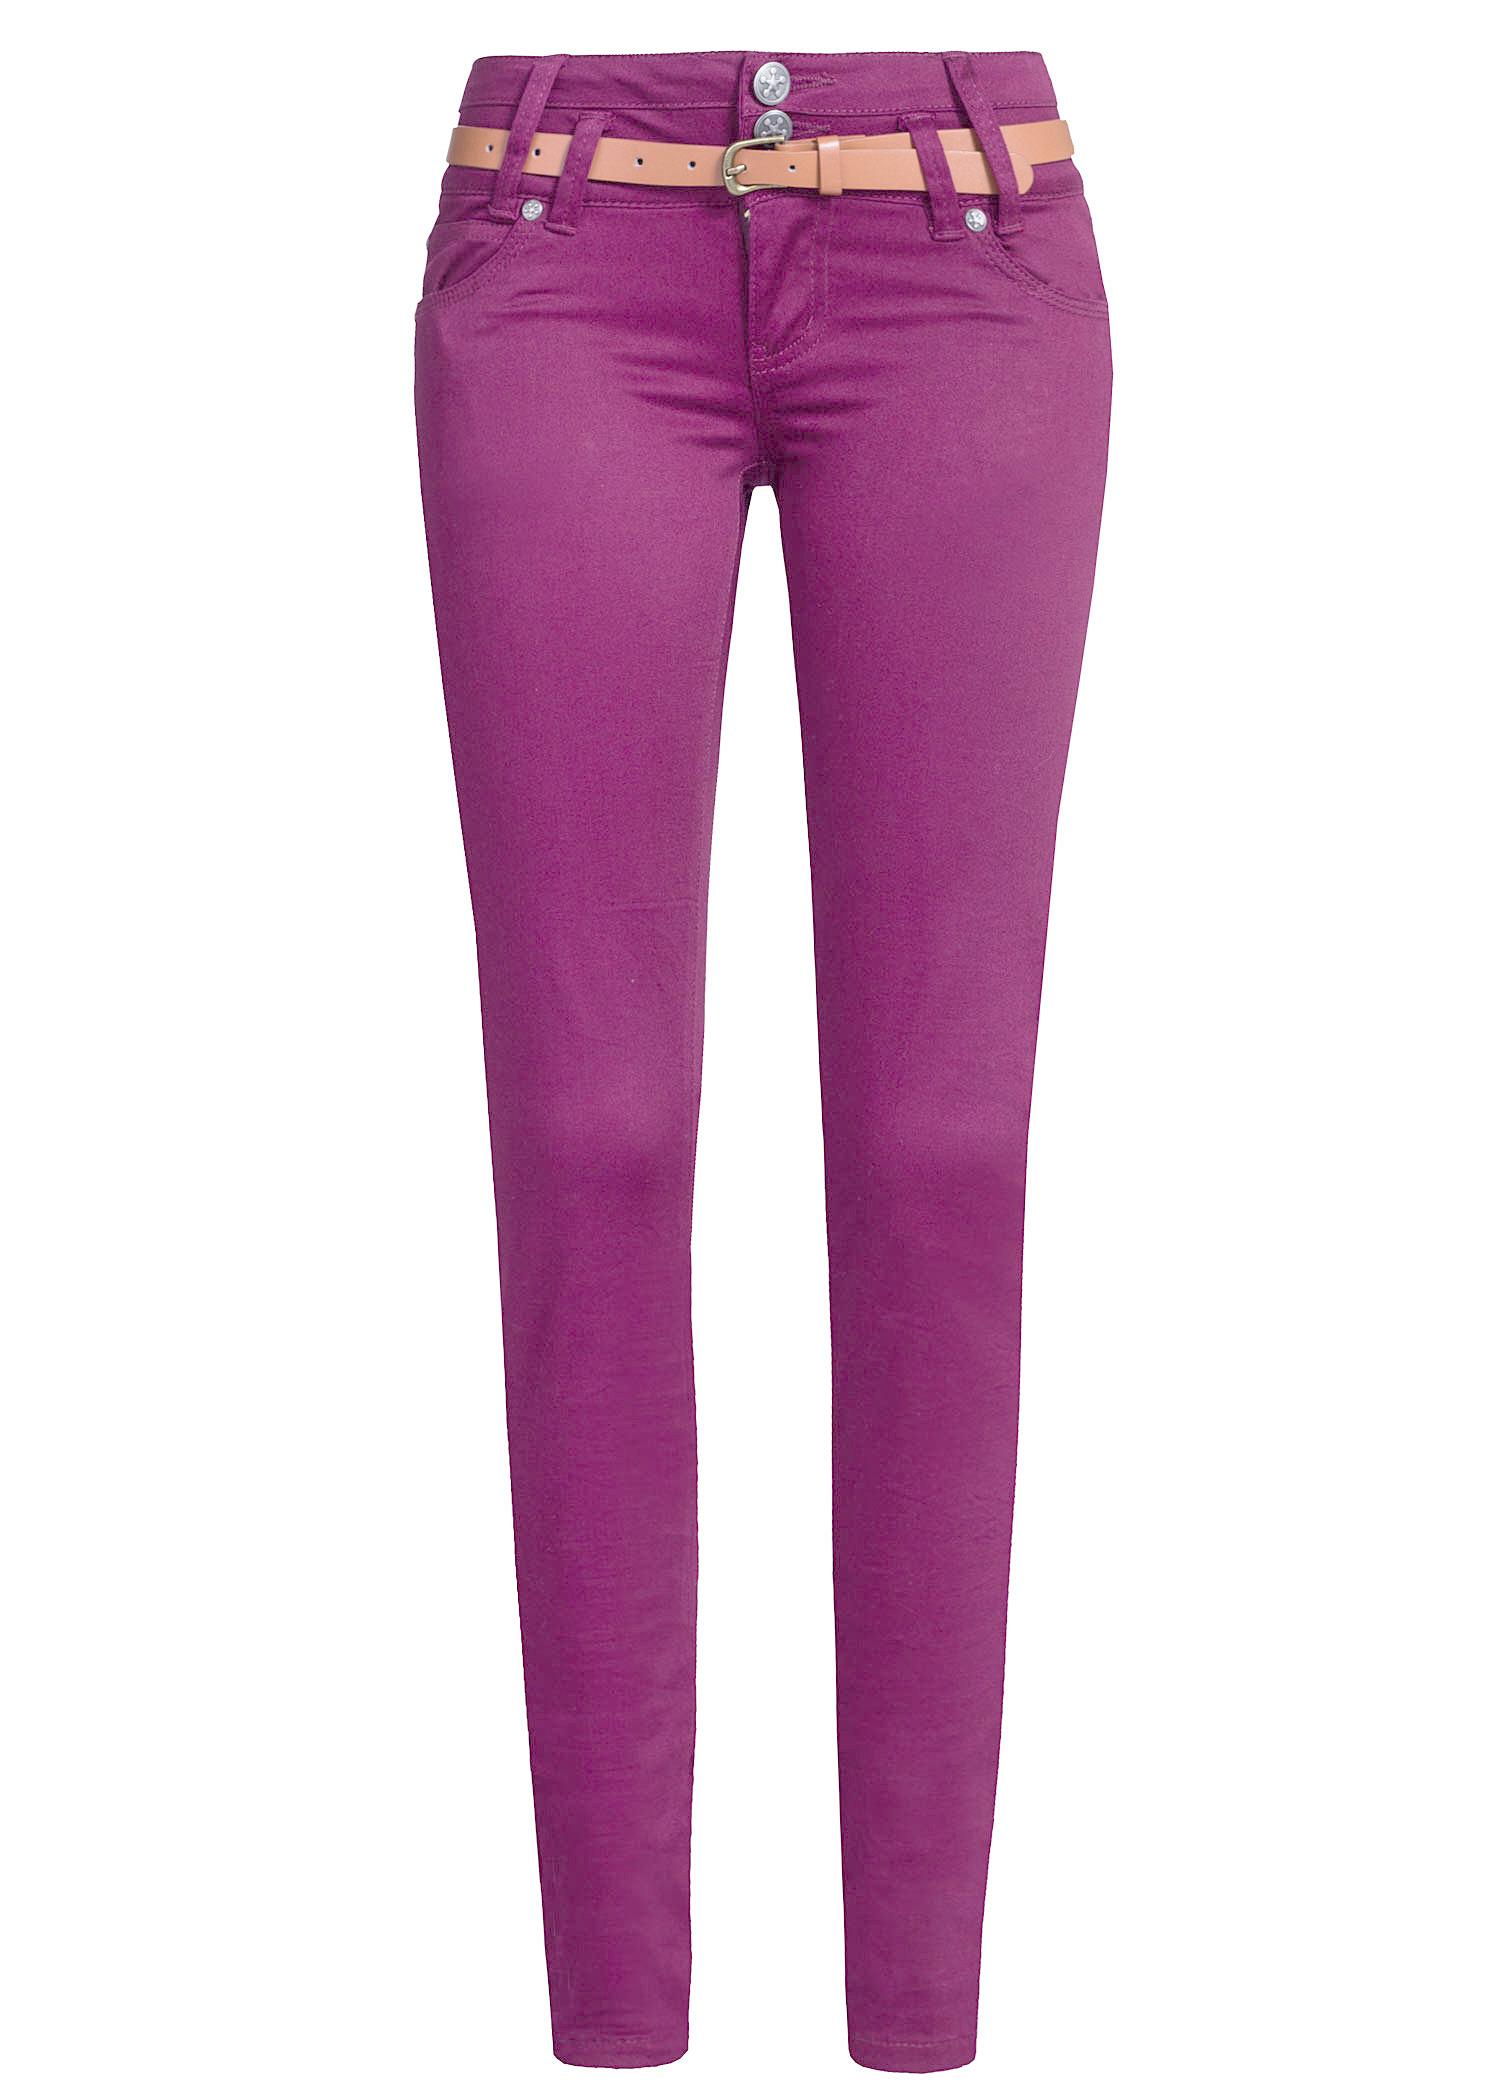 Dámské kalhoty MADONNA - mačkané - fialové - vel. L